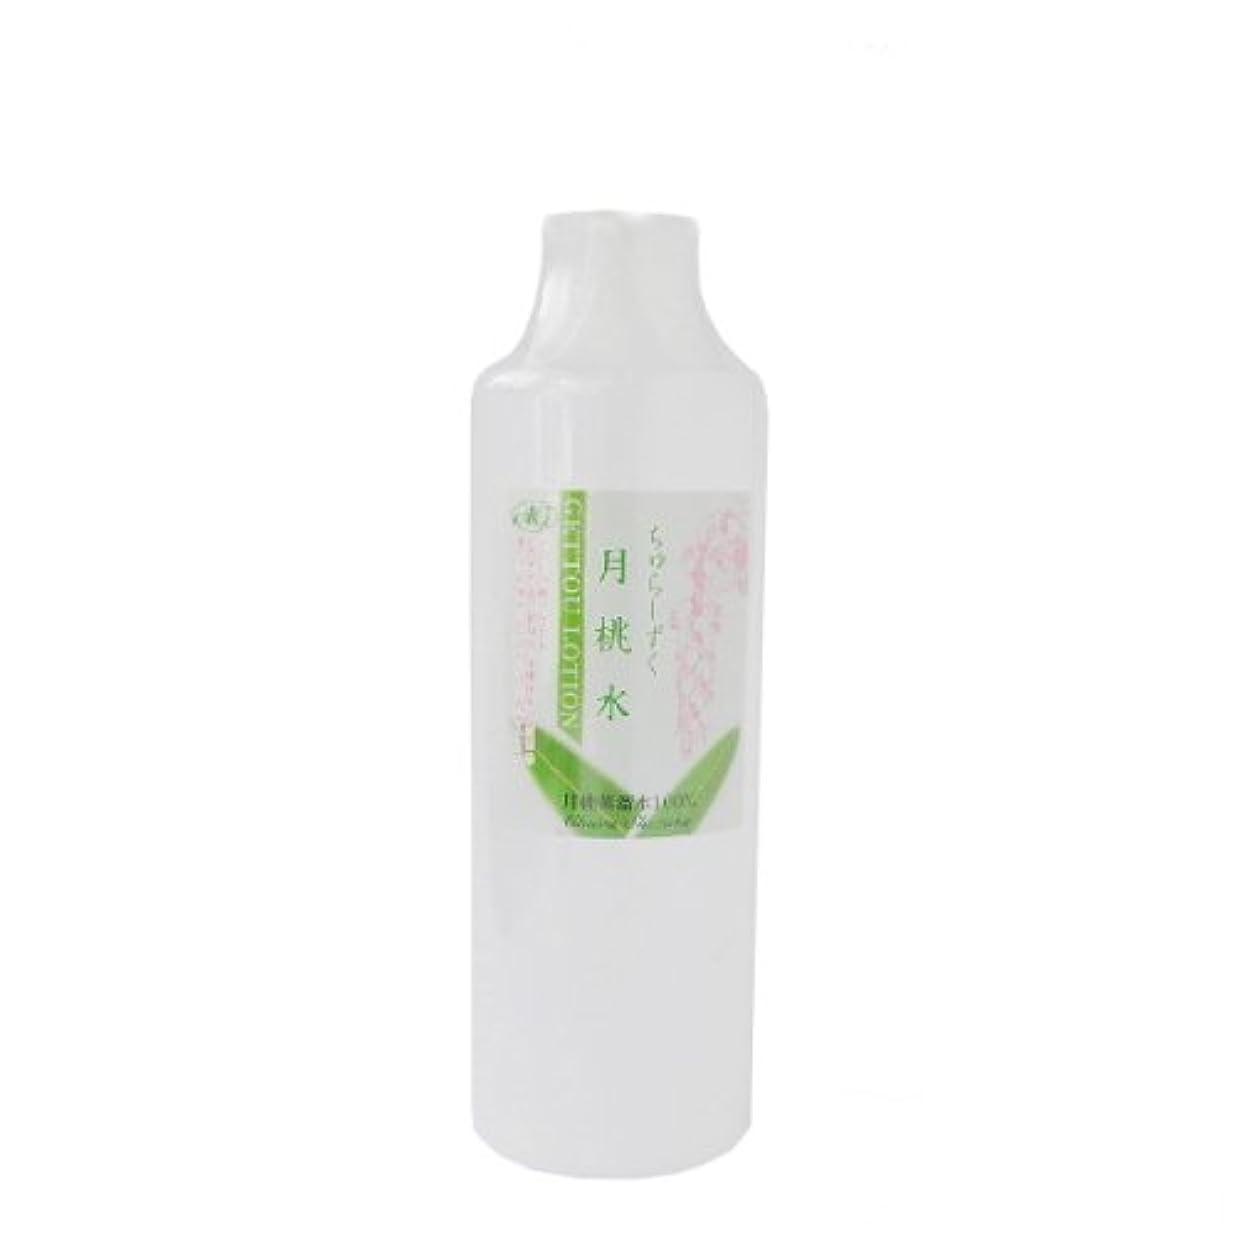 未払いキャッシュメトロポリタンちゅらしずく 月桃水 (蒸留水) 300ml×1本